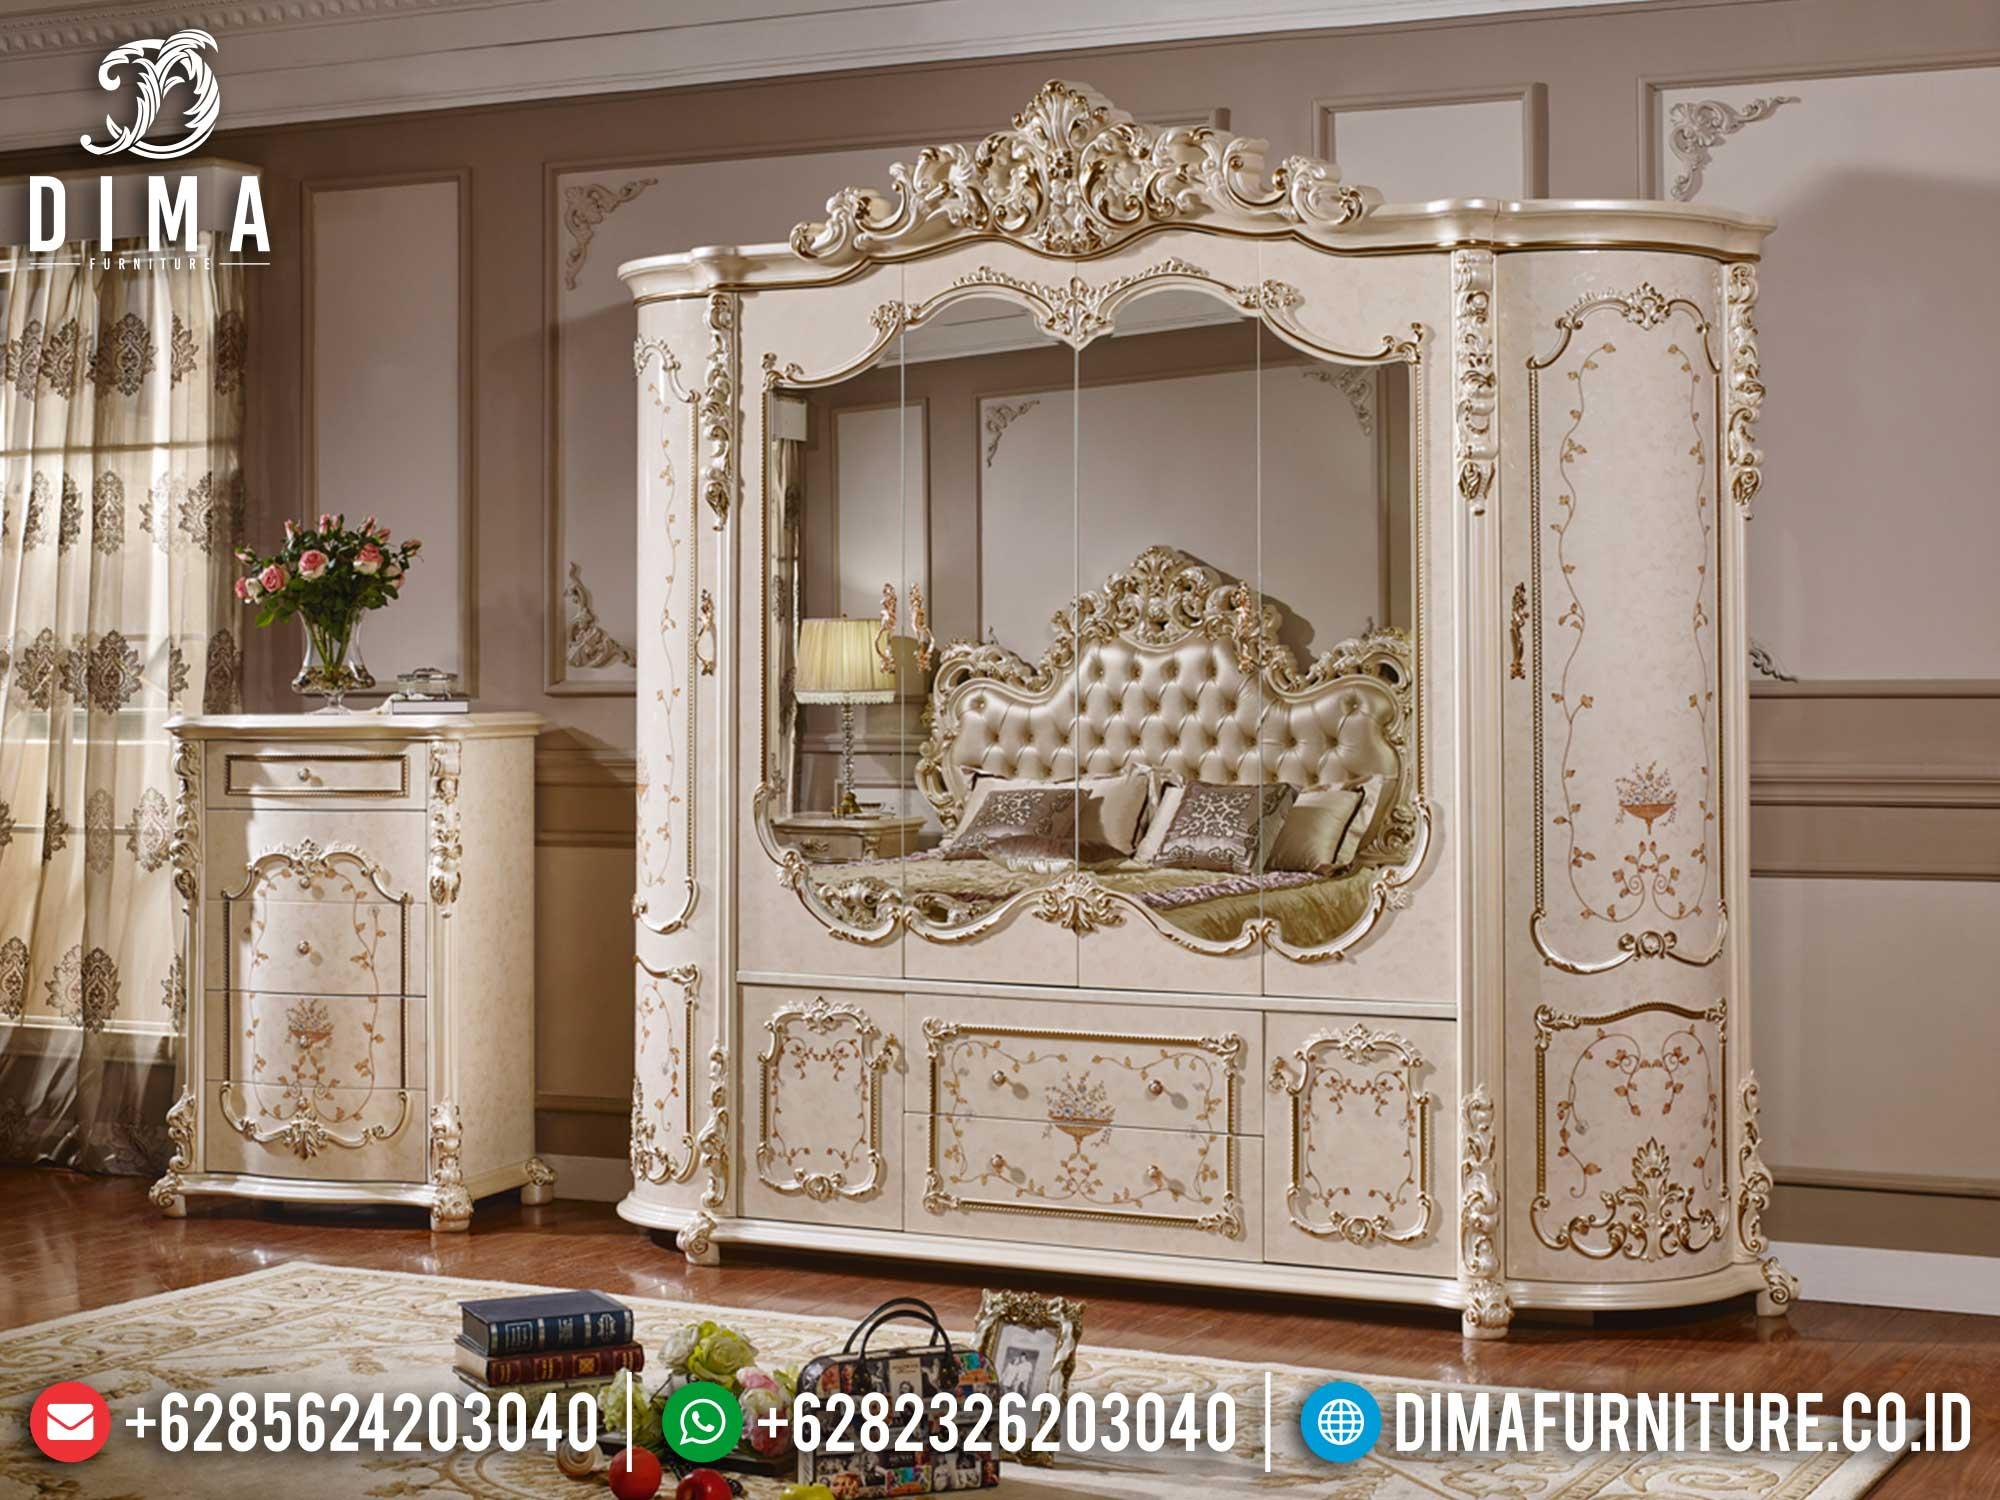 Harga Lemari Pakaian Ukiran Mewah Terbaru Luxury Elegant Design Jepara TTJ-1407